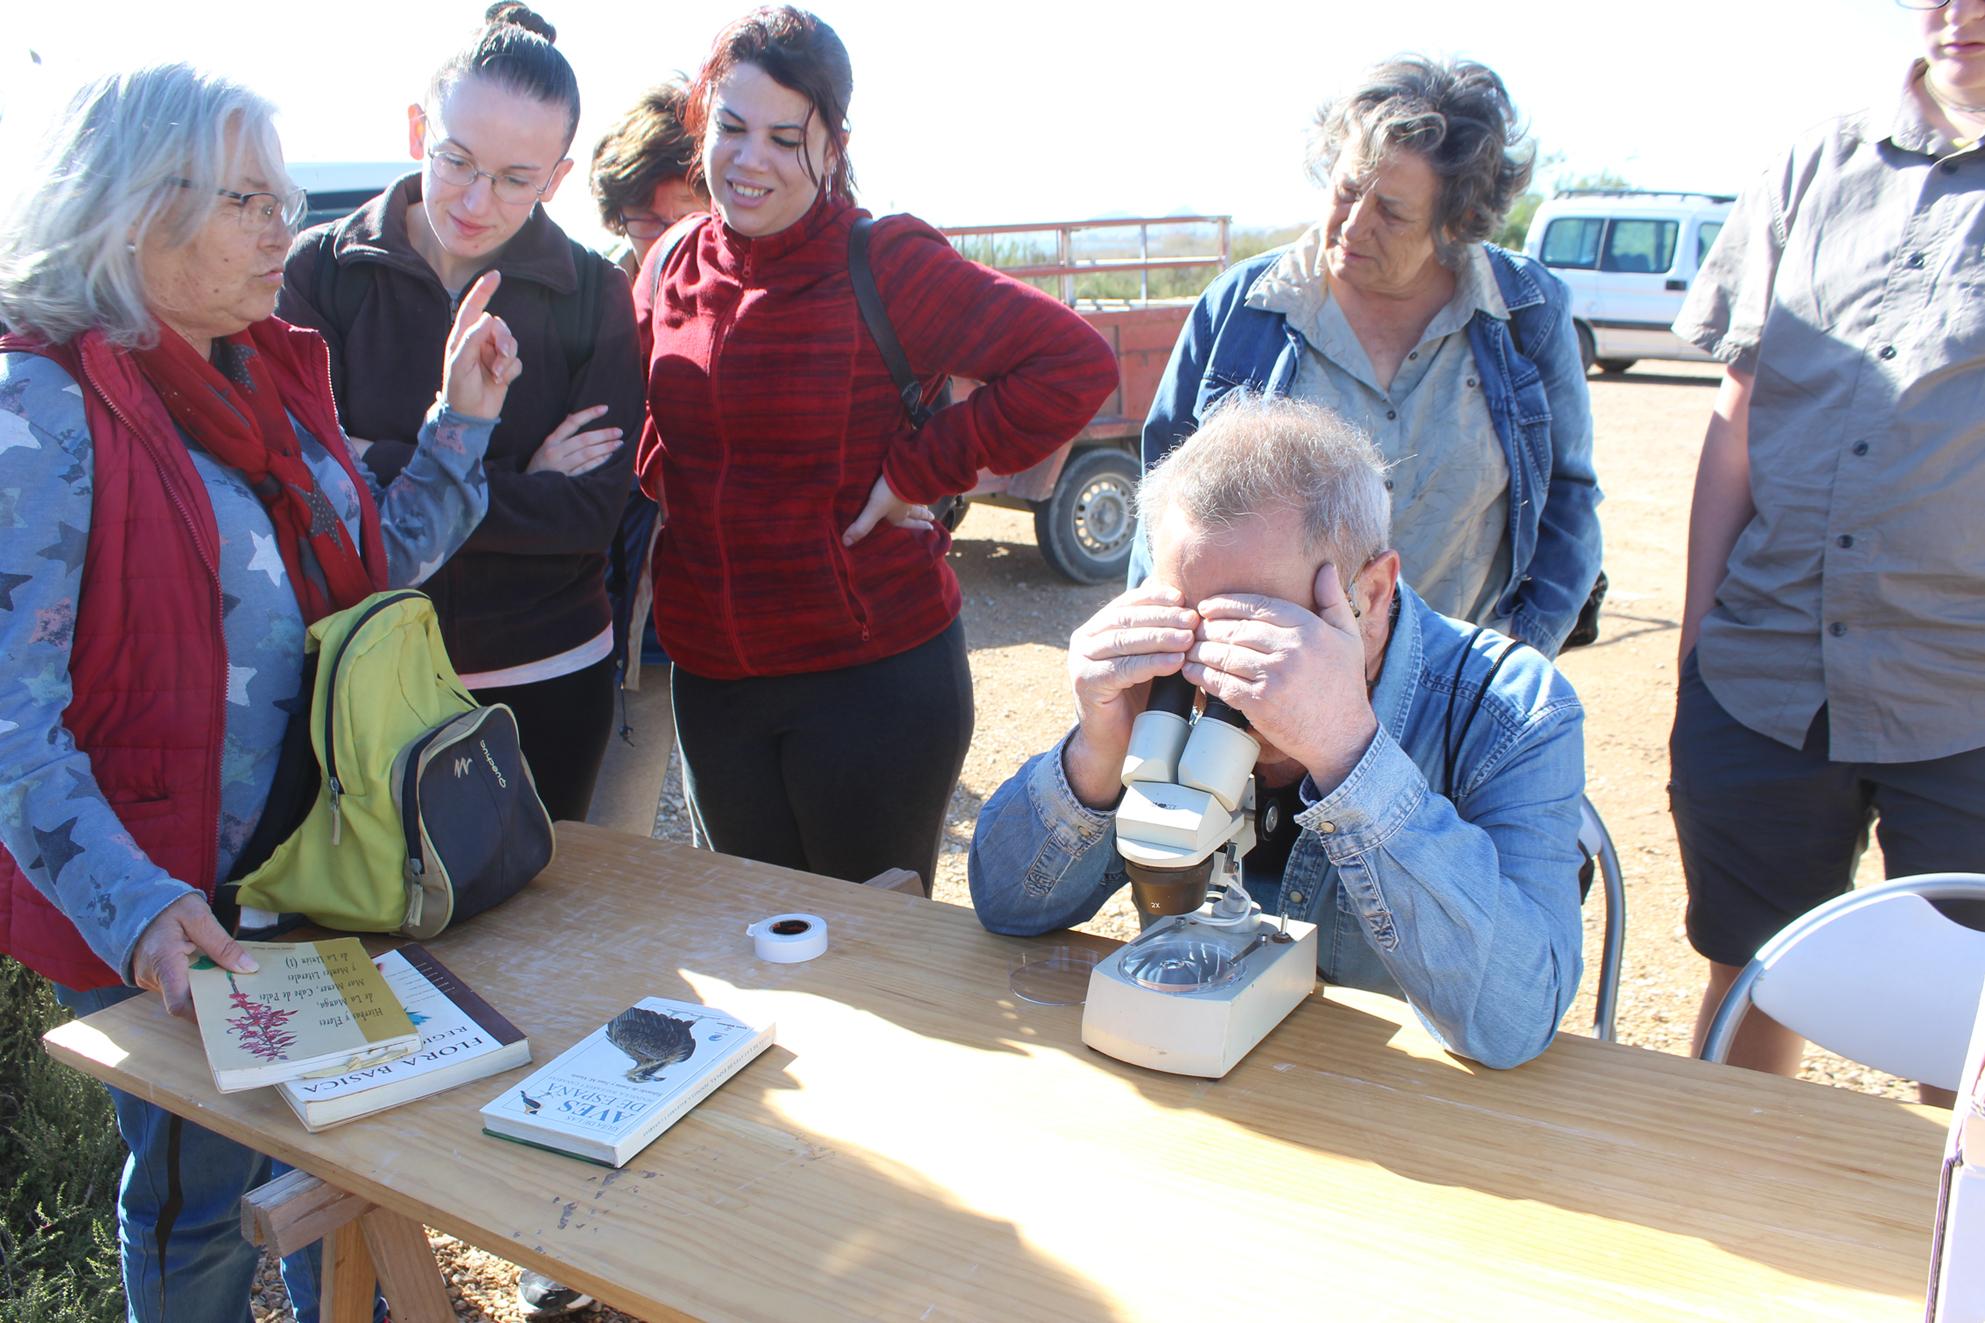 Los voluntarios, observando al microscopio. Imagen: EEA